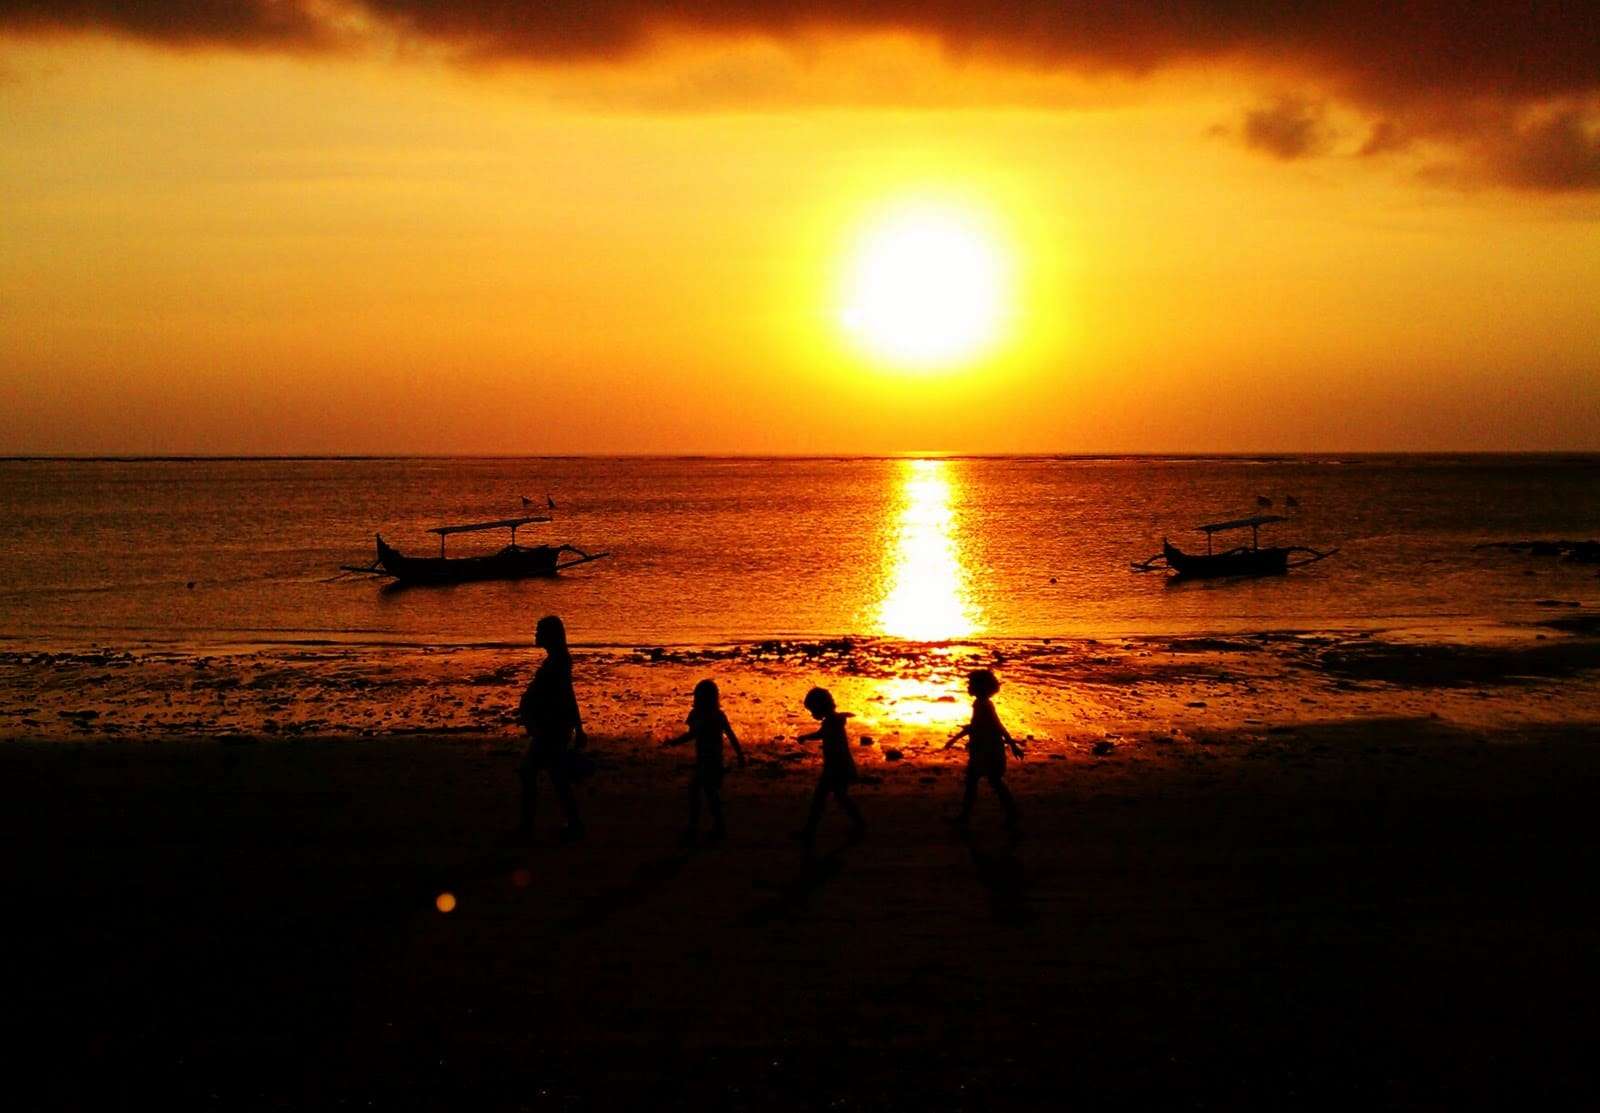 7 Tempat Wisata Pantai Di Bali Yang Wajib Dikunjungi